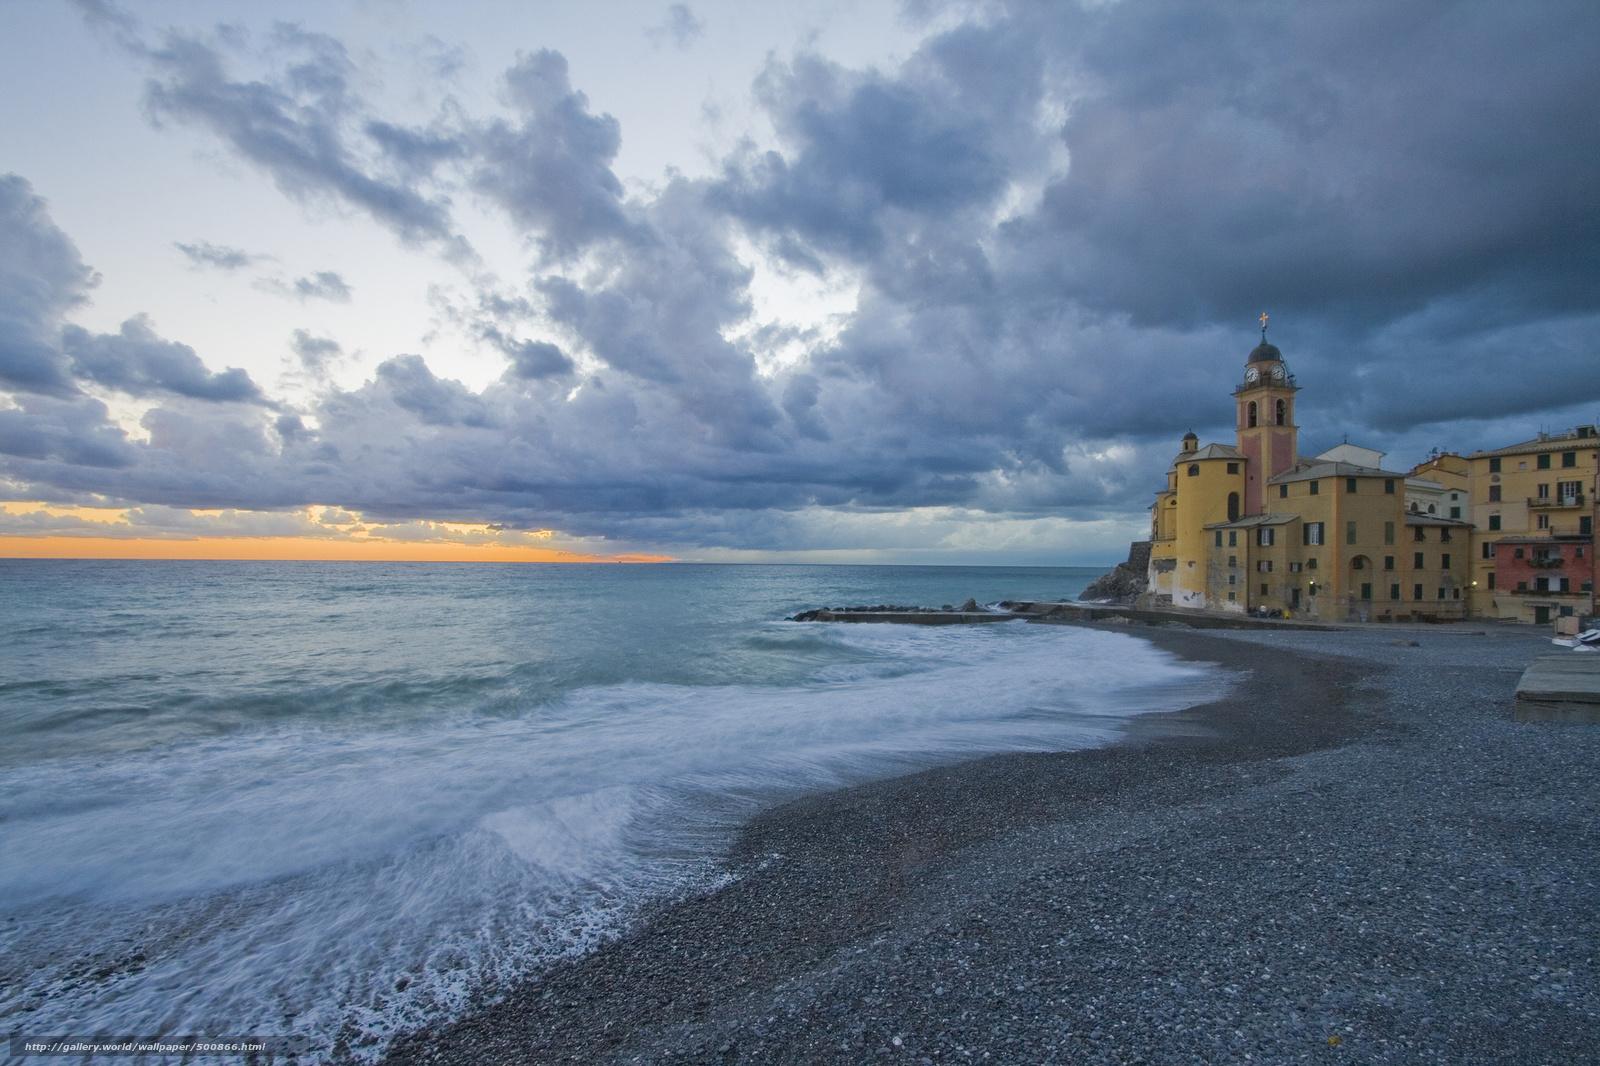 Scaricare gli sfondi camogli liguria italia camogli for Foto desktop estate